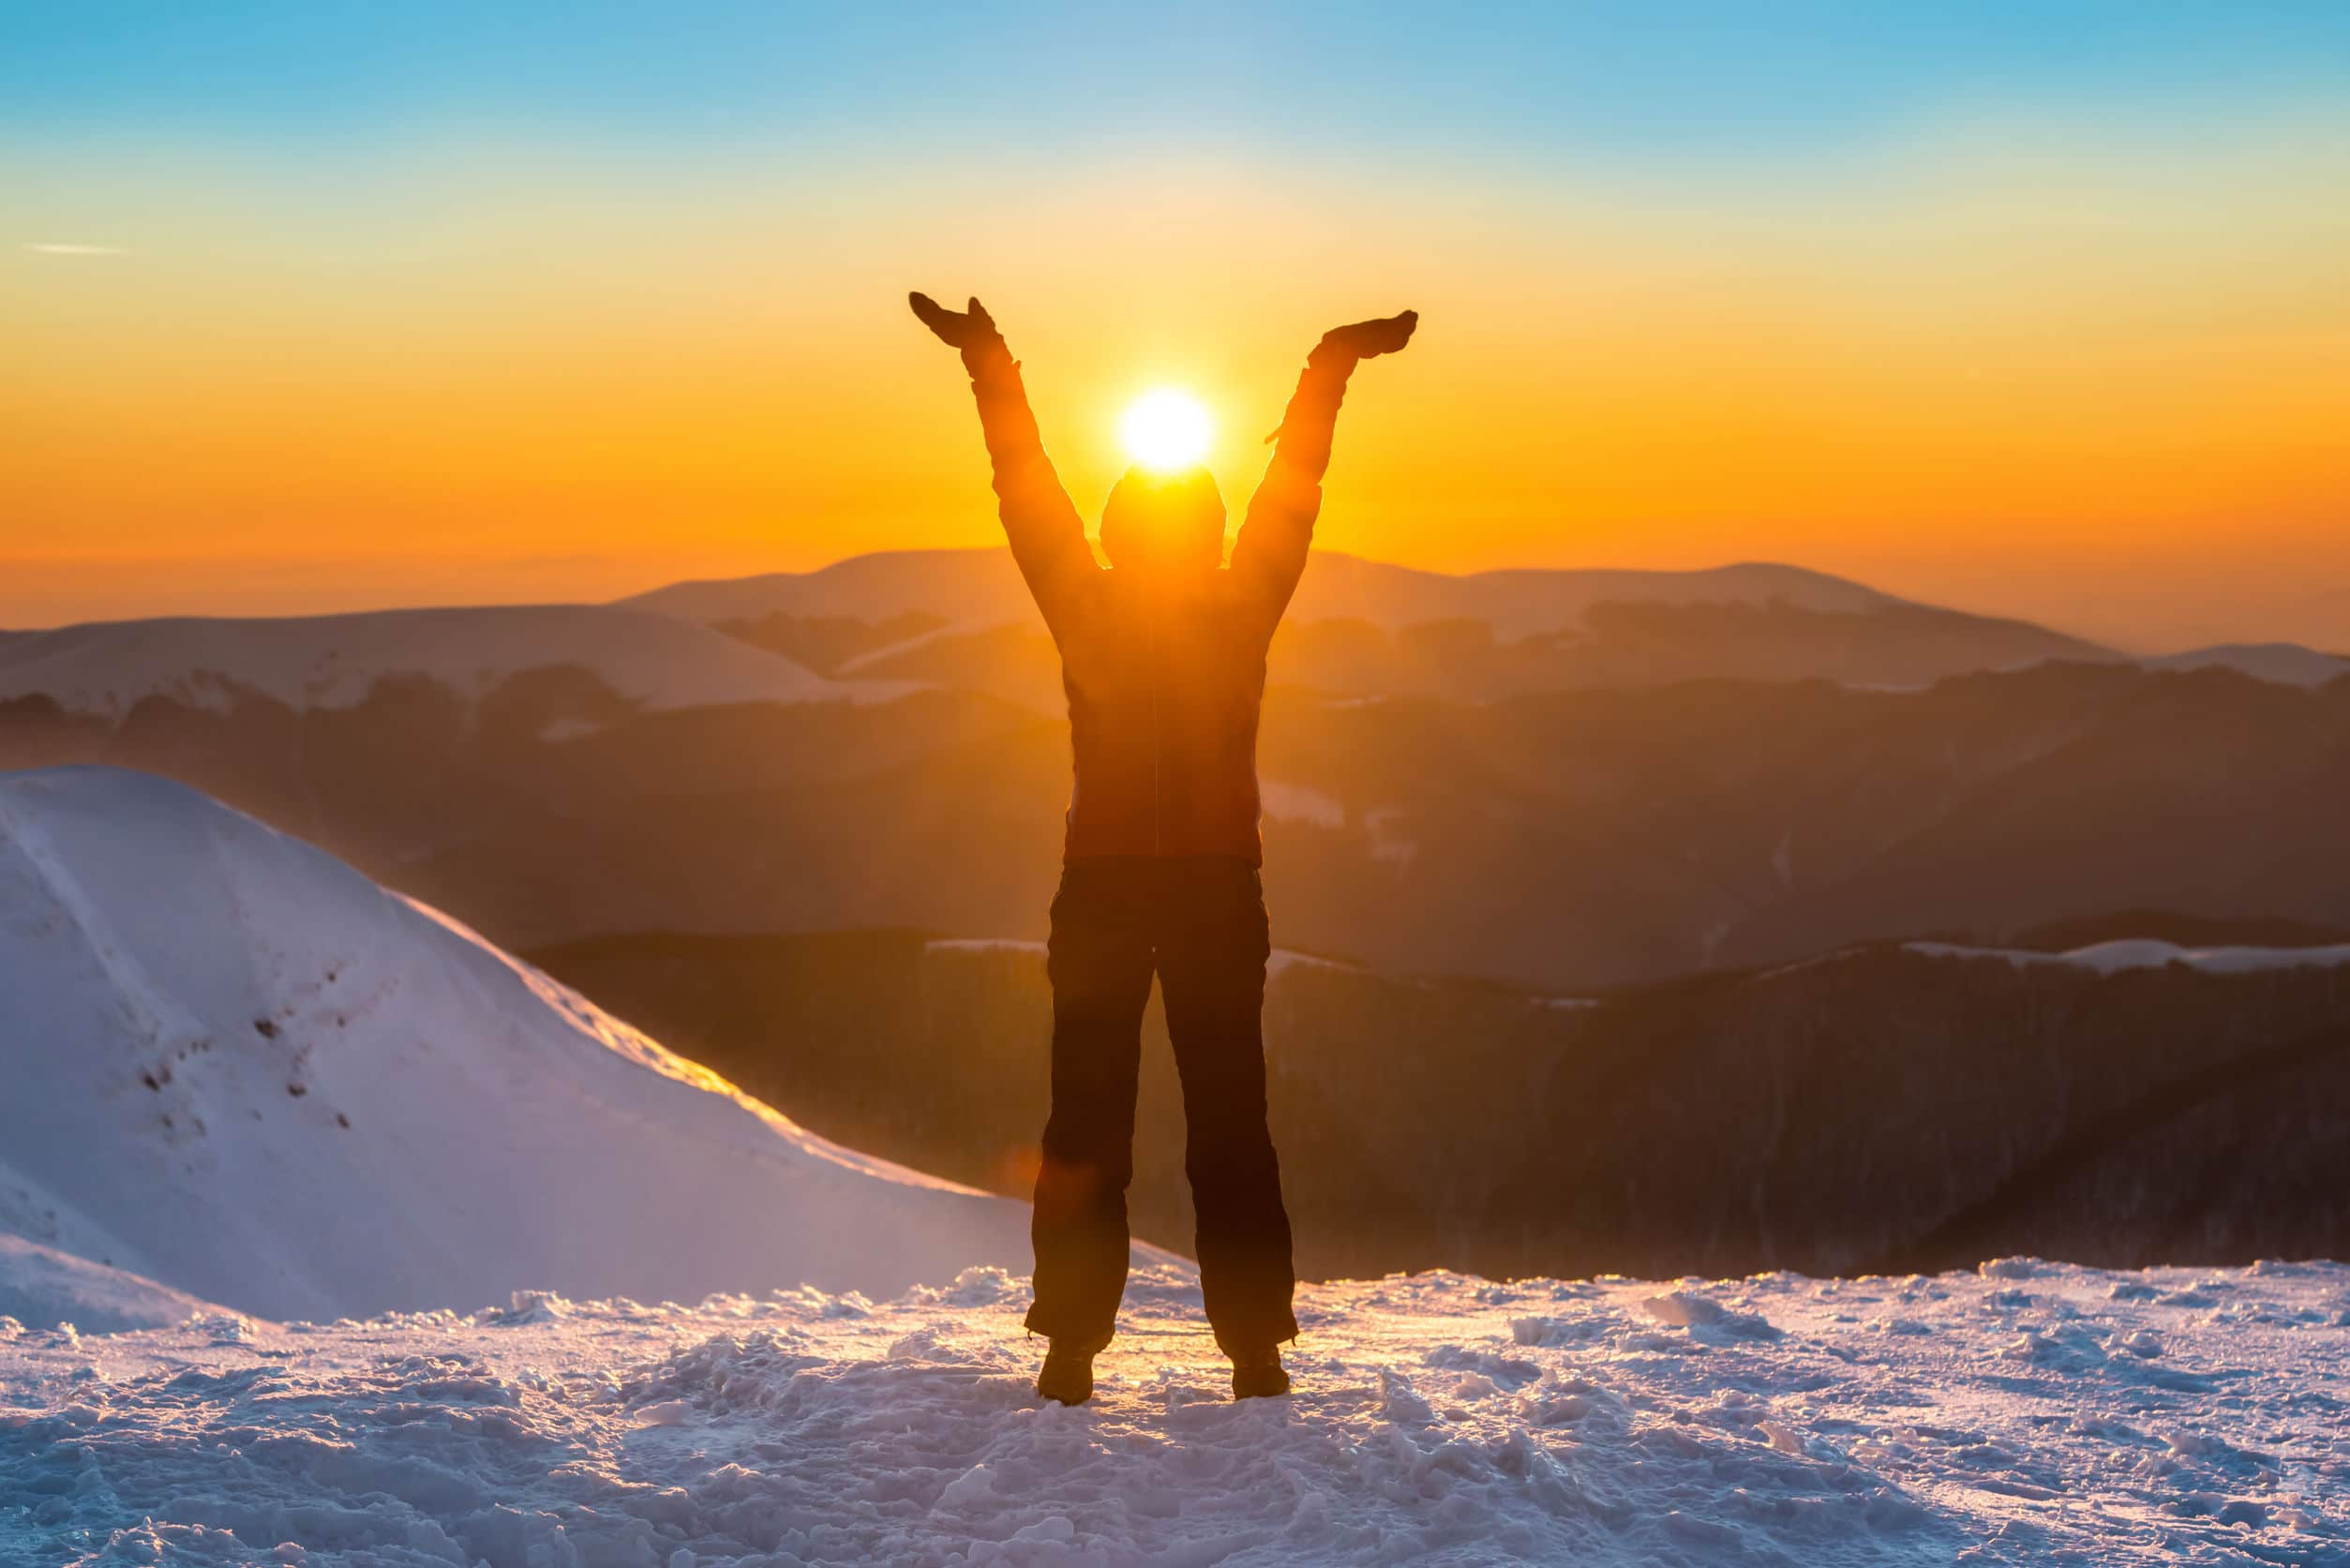 Pessoa no topo de uma montanha com a cabeça posicionada exatamente no lugar onde o sol se poe.